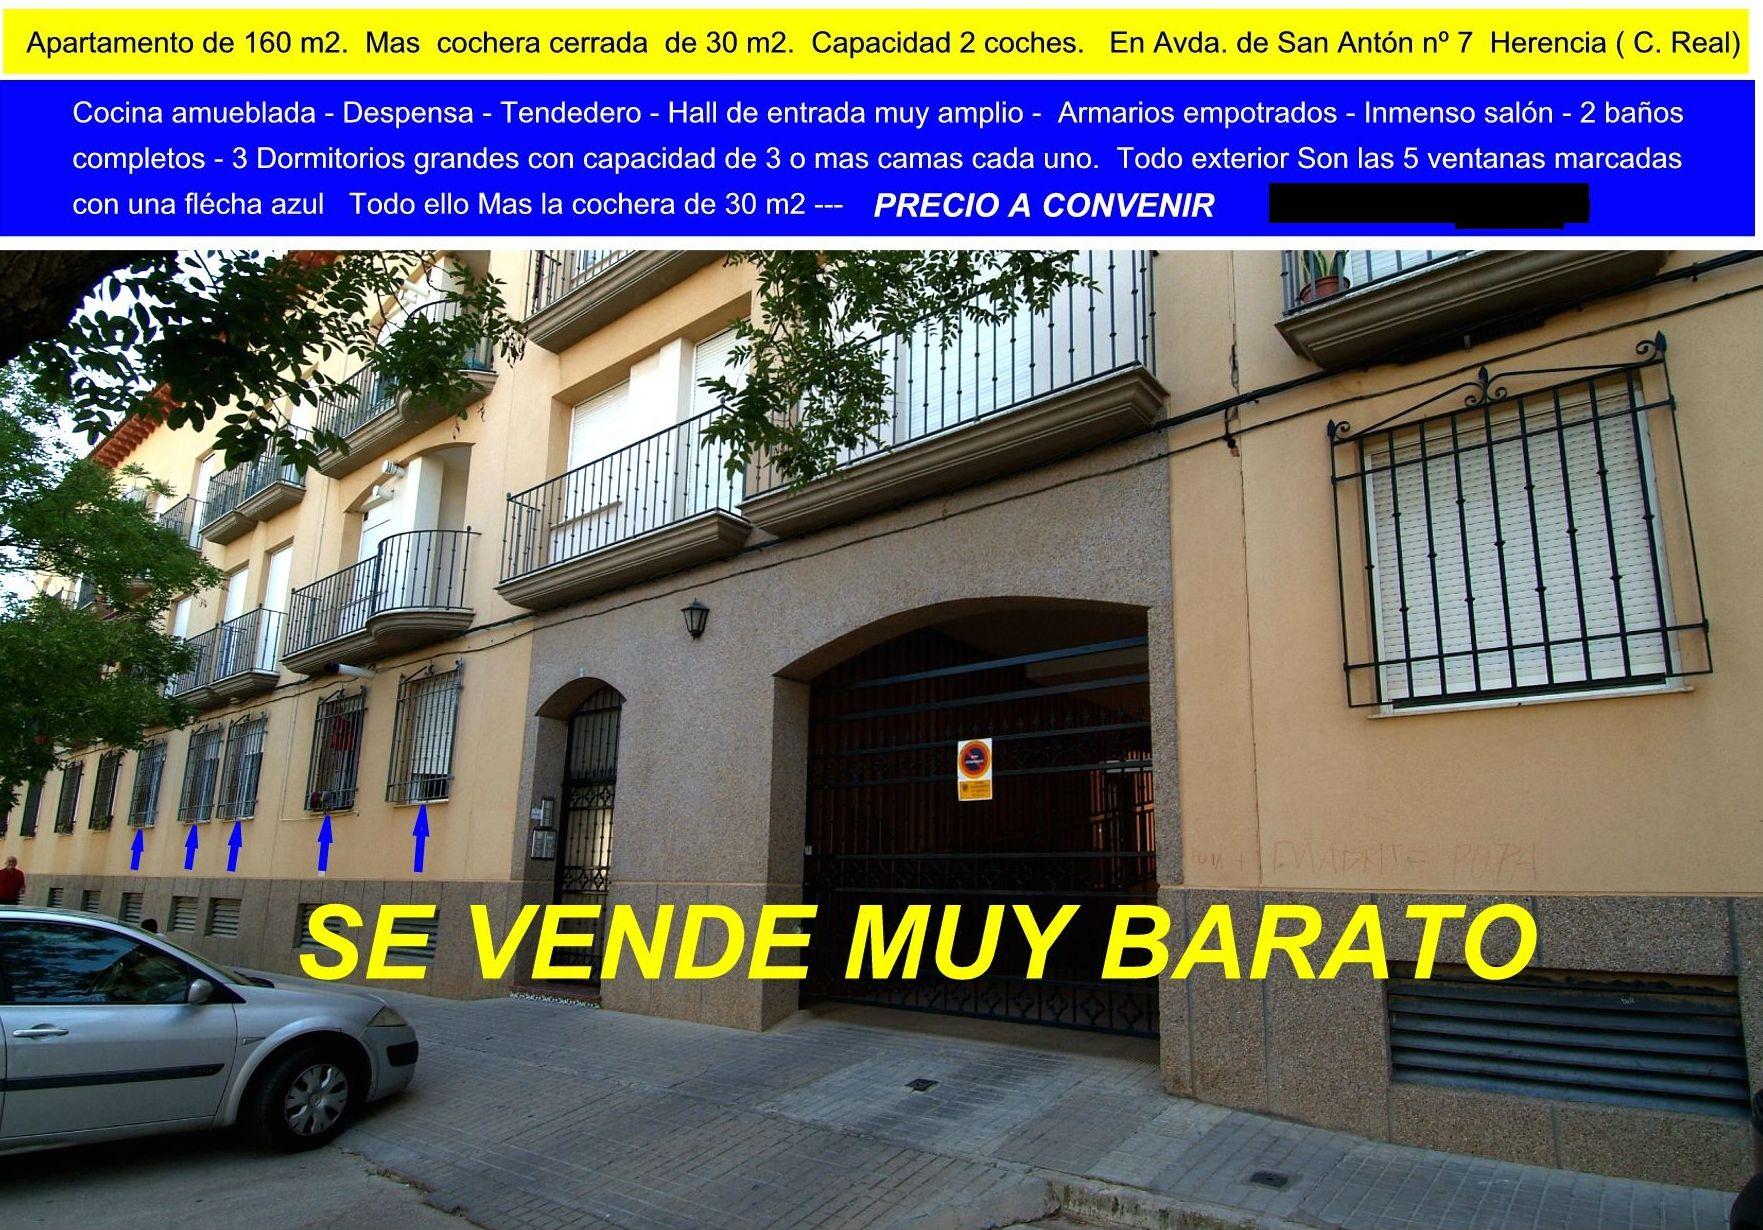 Foto 5 de Inmobiliarias en Herencia | ANTONIO ARAGONÉS DÍAZ PAVÓN